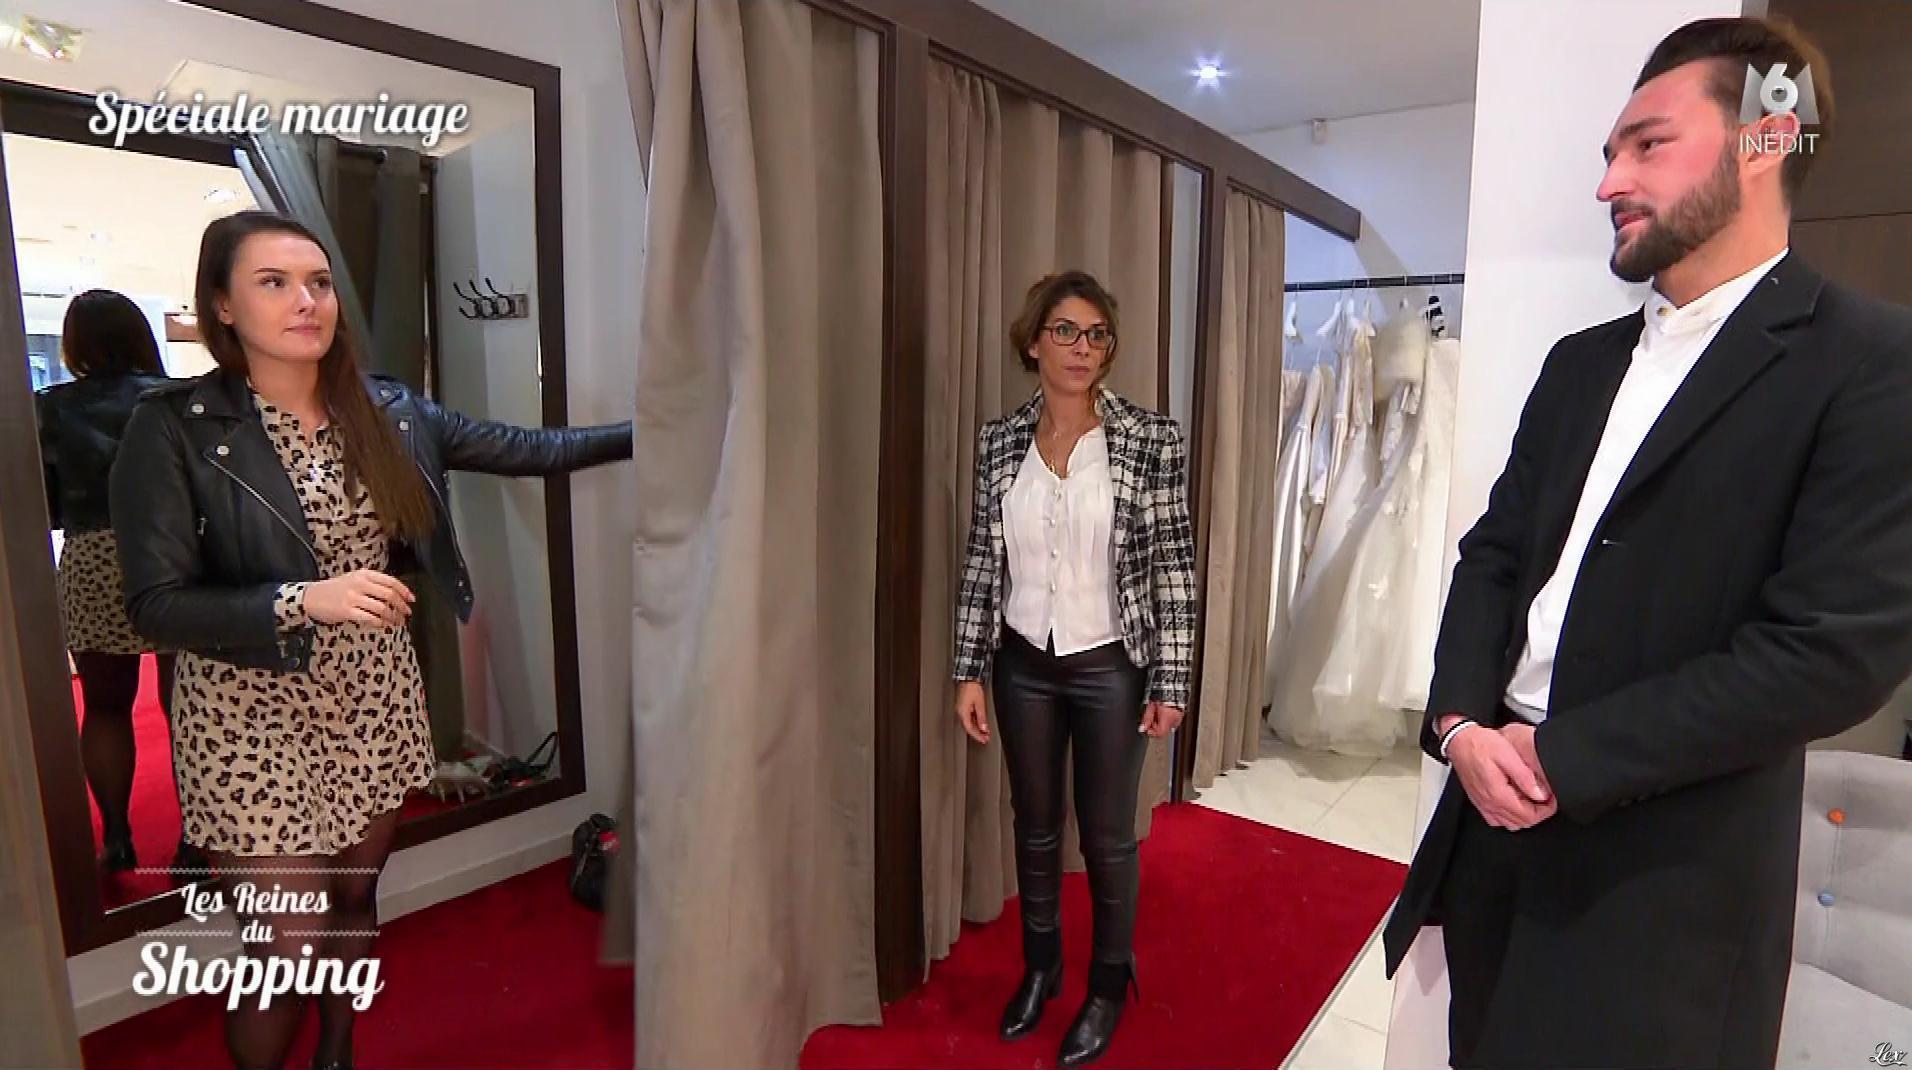 Une Inconnue dans les Reines du Shopping. Diffusé à la télévision le 27/02/19.